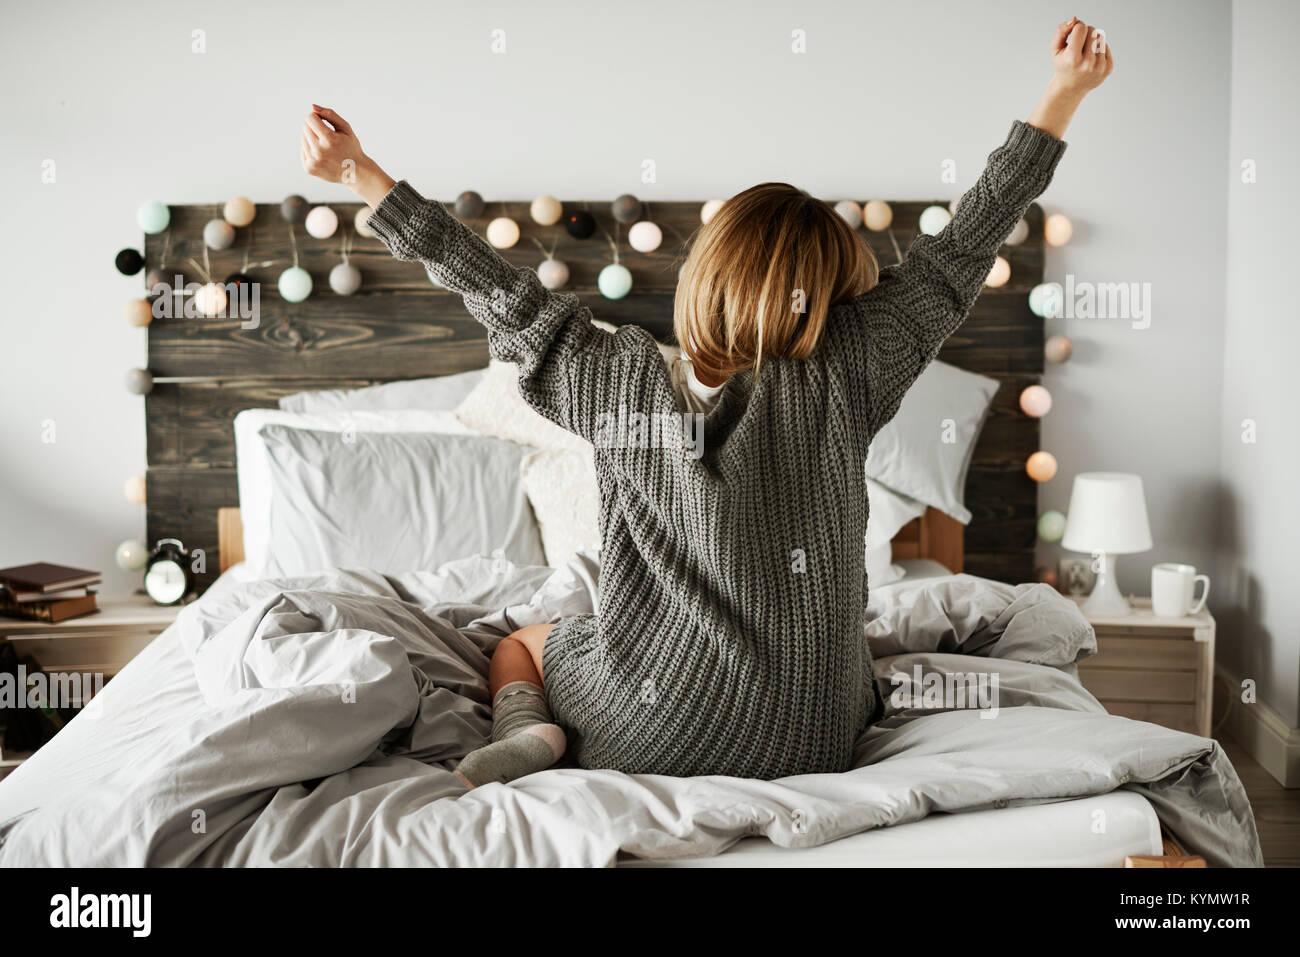 Vista trasera de la mujer en su cama de estiramiento Imagen De Stock